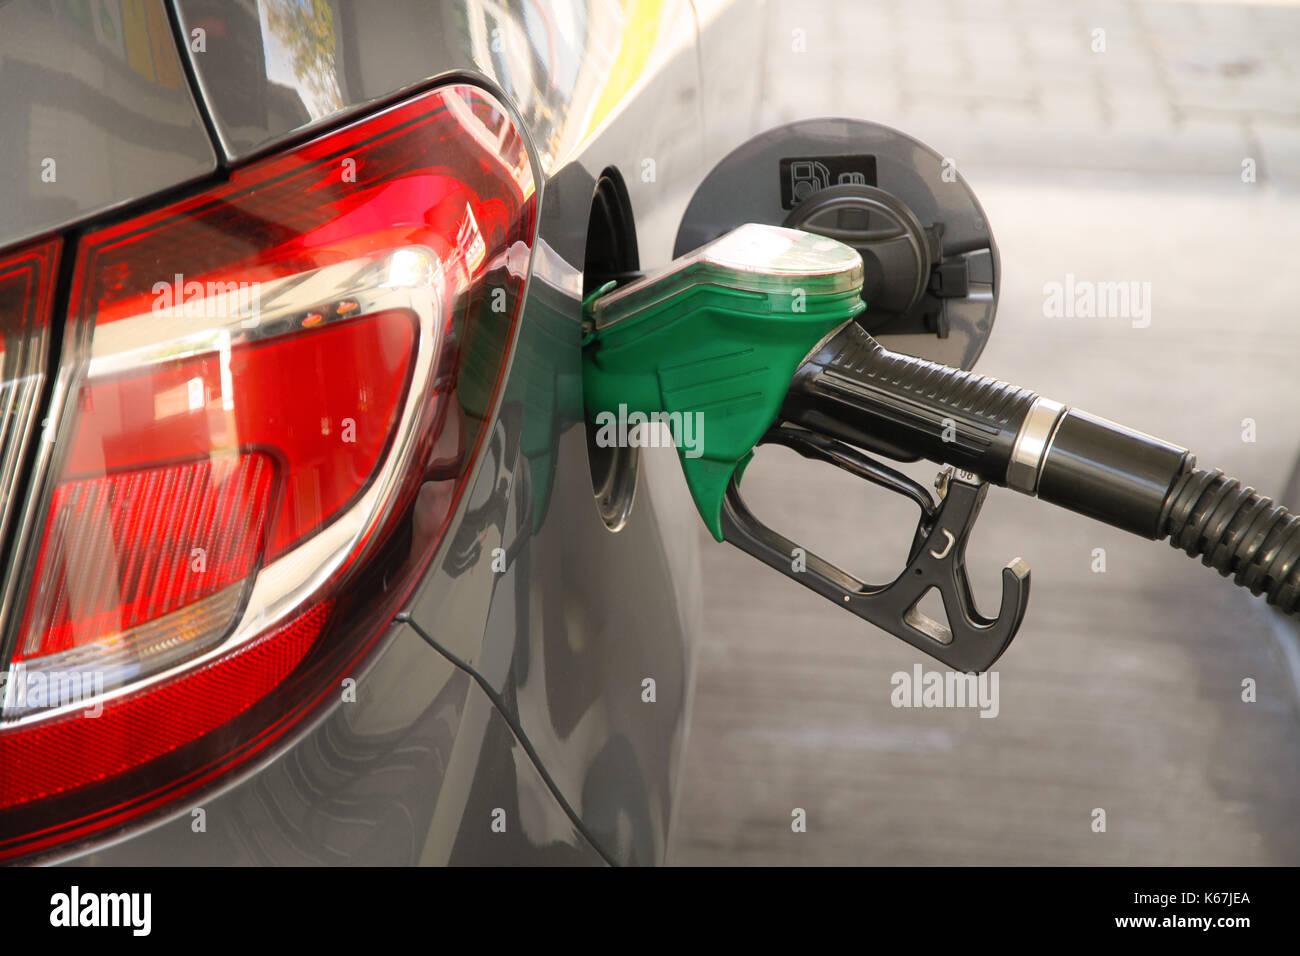 Il rifornimento di carburante per auto presso la stazione di benzina. concetto per l'uso di combustibili fossili (benzina, diesel) nei motori a combustione e ambientali e guarire professionali Immagini Stock